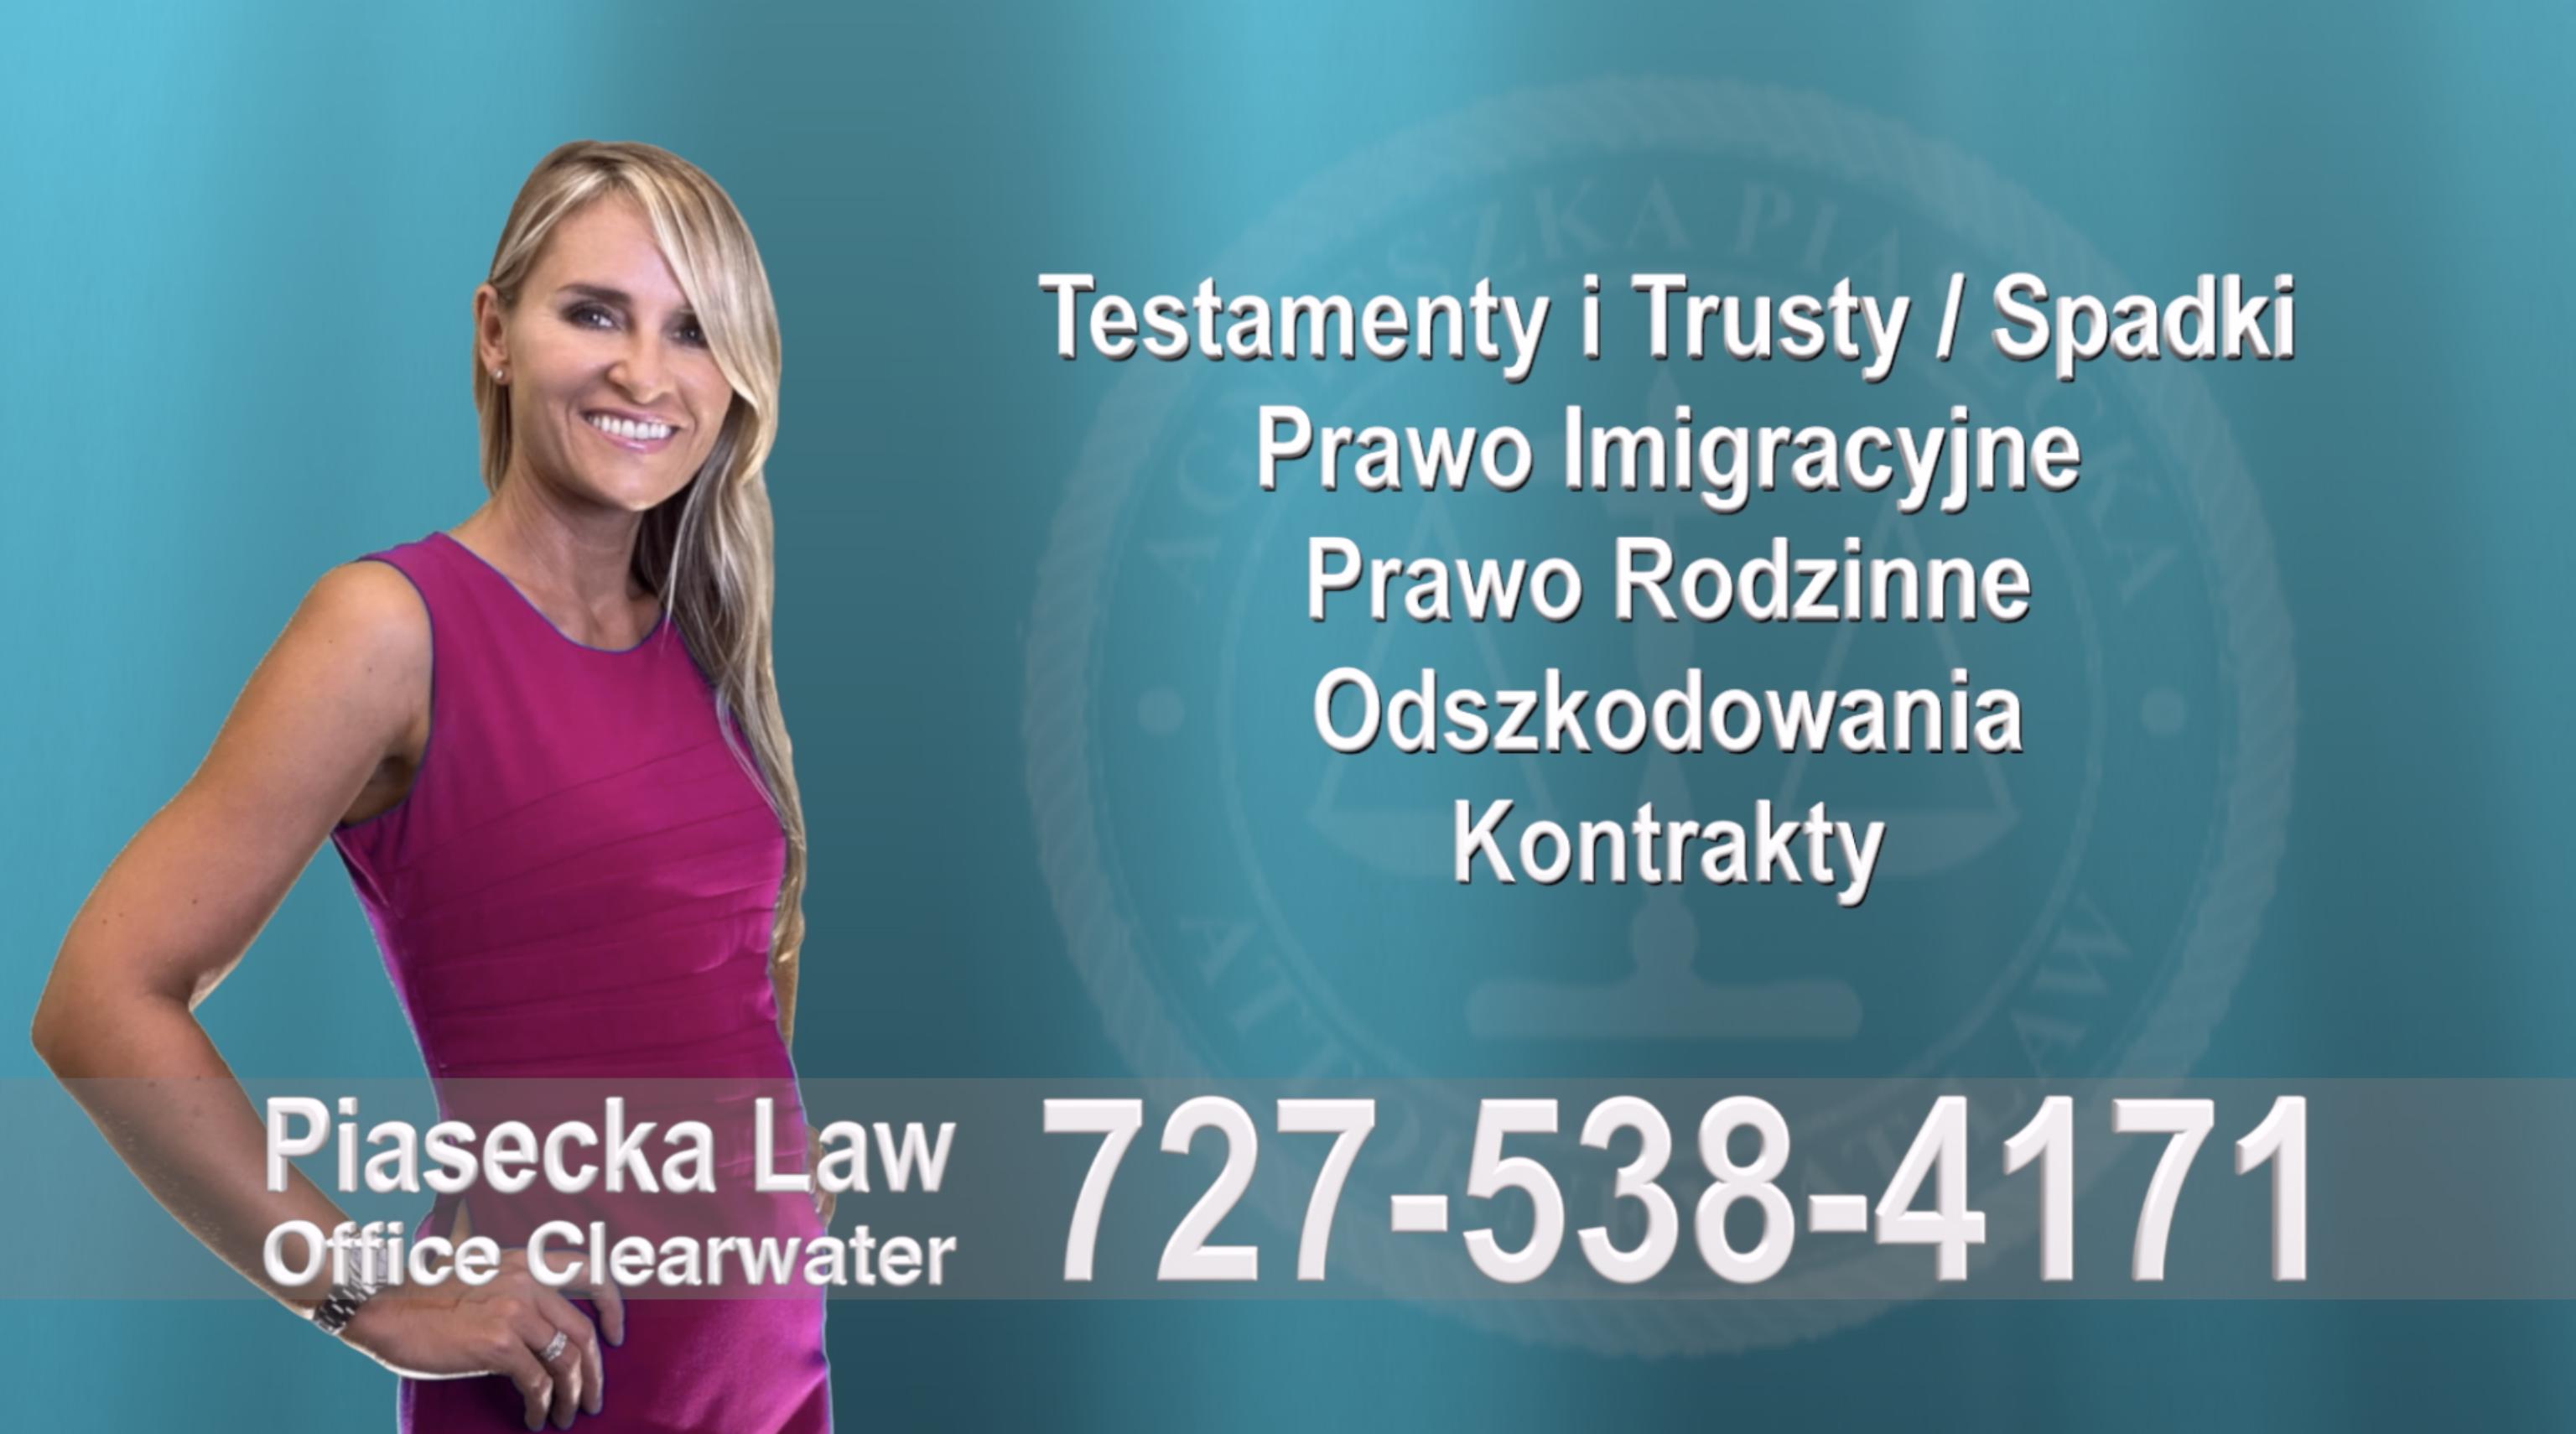 Gulfport Testamenty, Trusty, Spadki, Prawo, Imigracyjne, Rodzinne, Odszkodowania, Wypadki, Kontrakty, Polski, Prawnik, Adwokat, in Floryda, USA